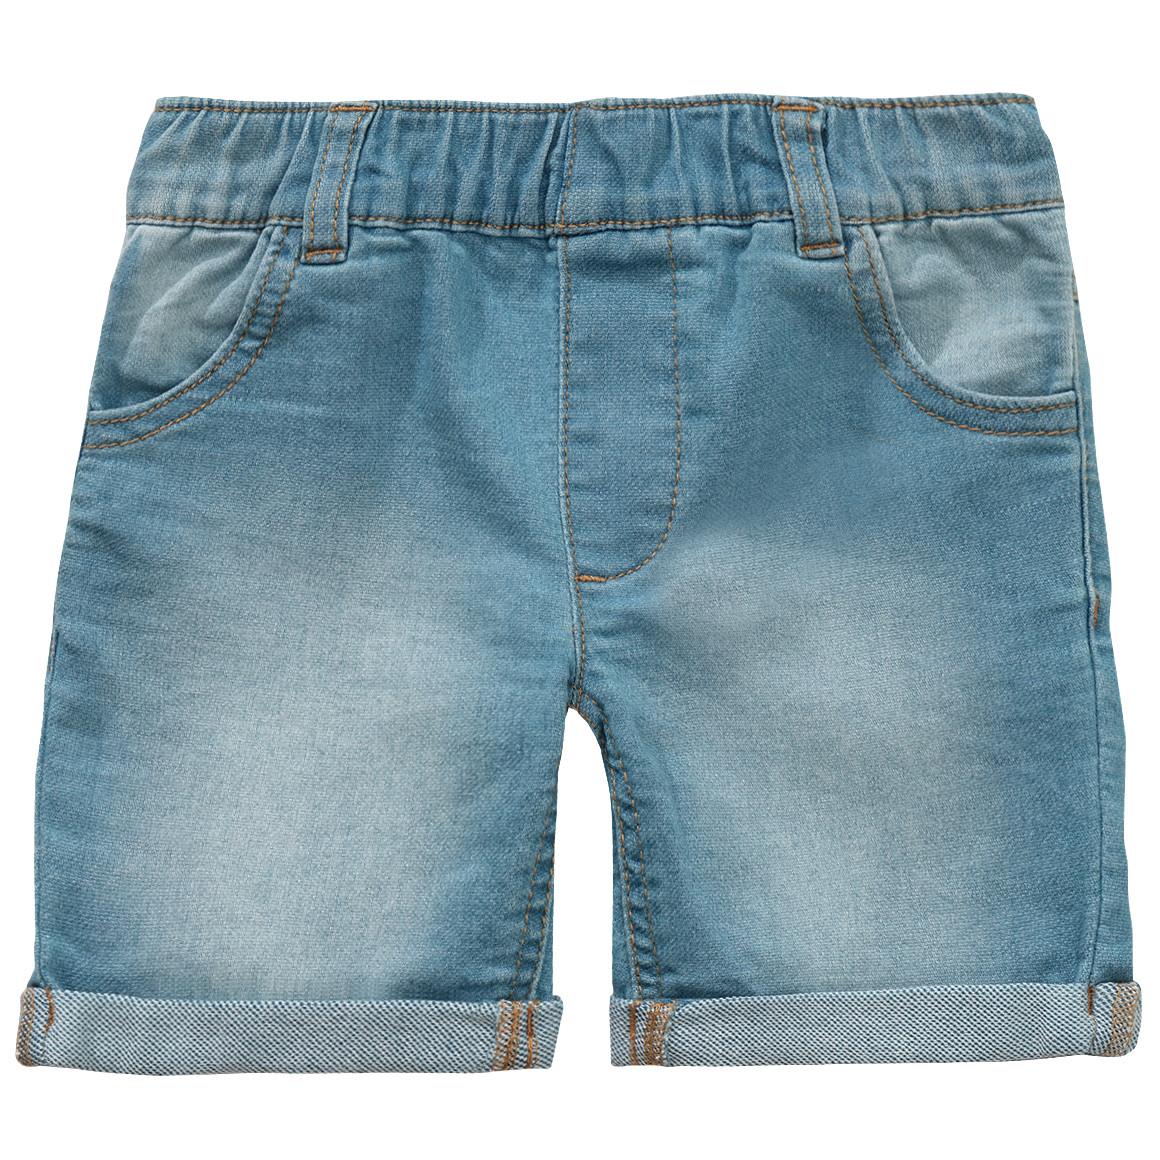 Jungen Pull On Shorts mit fixierten Turn Ups